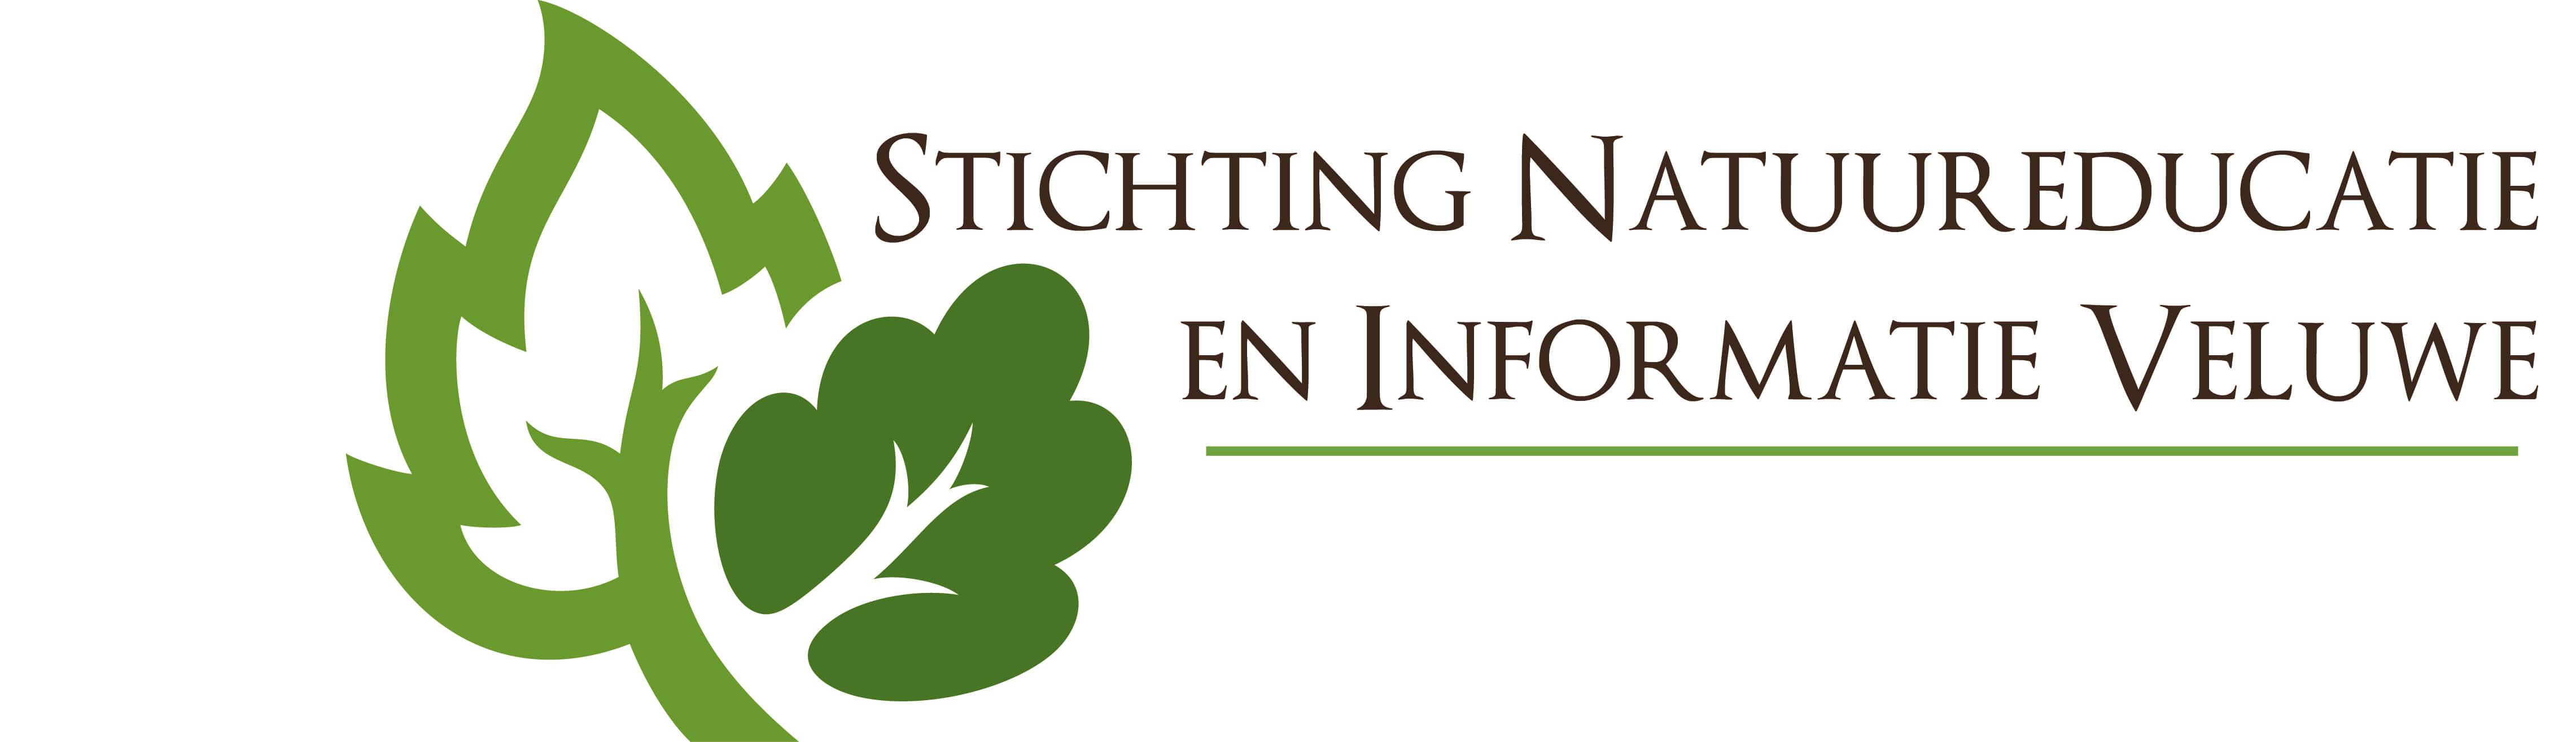 Stichting Natuureducatie en Informatie Veluwe